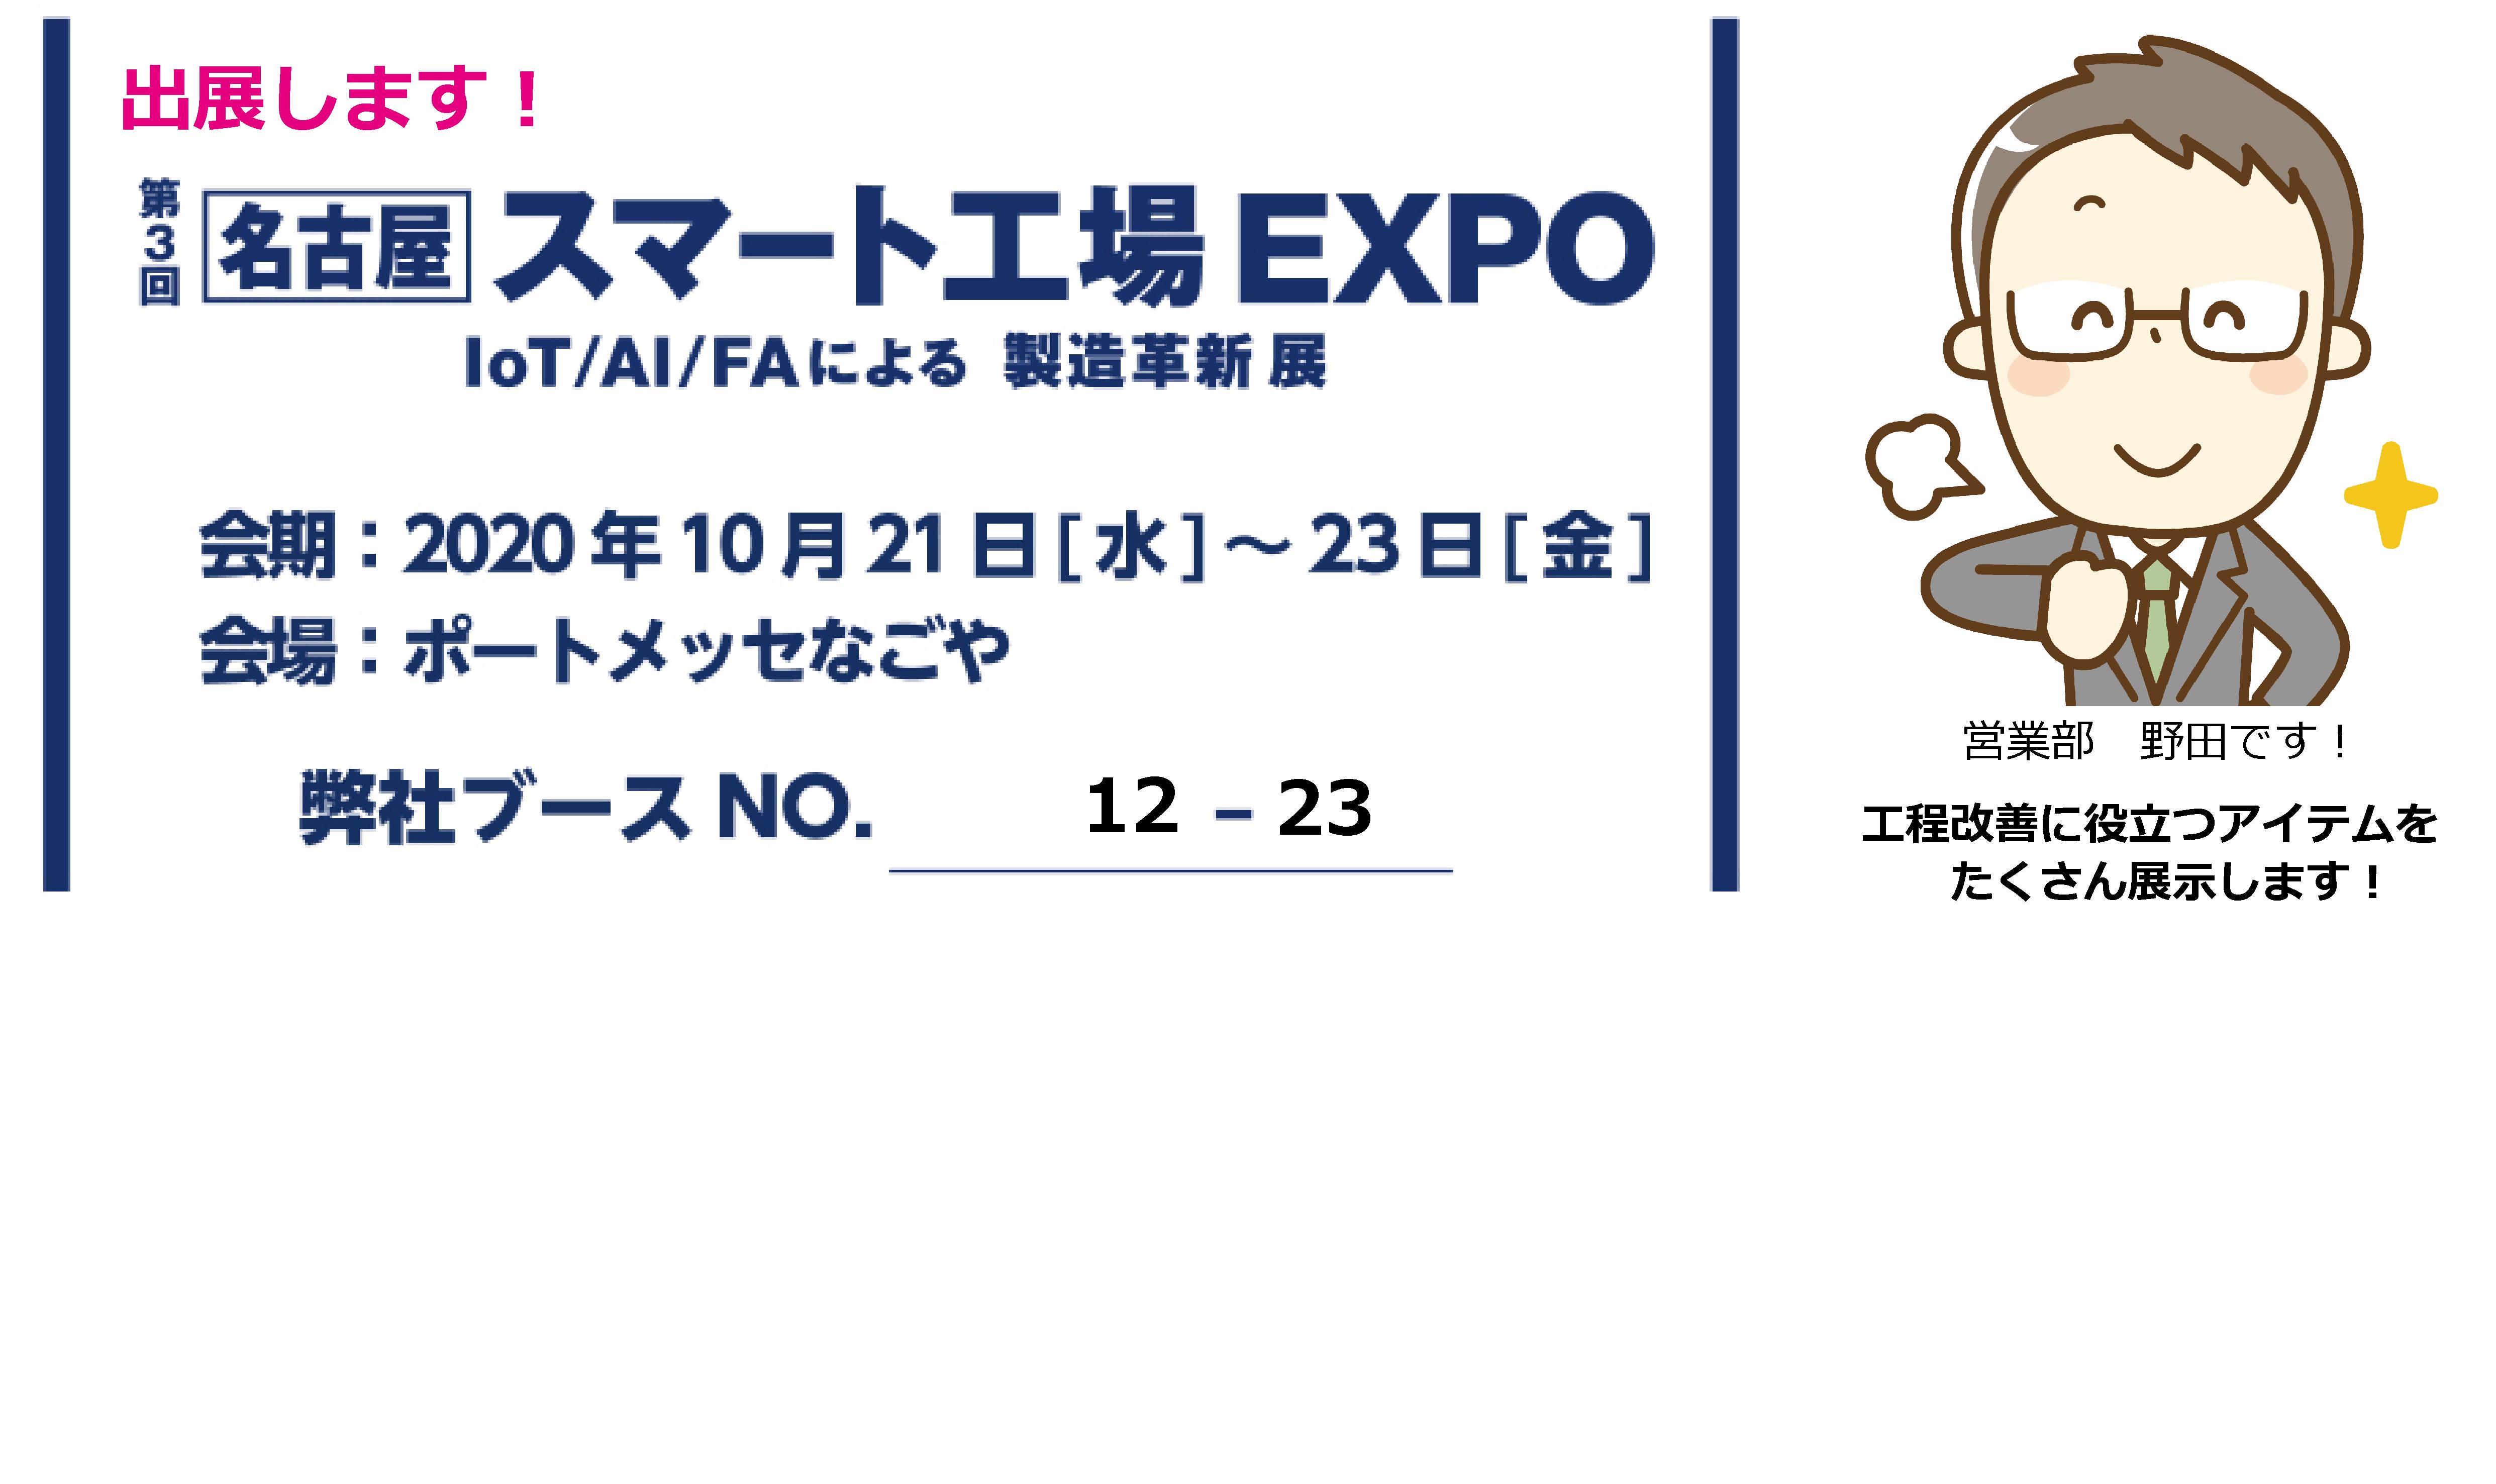 第3回:名古屋スマート工場EXPO出展のお知らせ